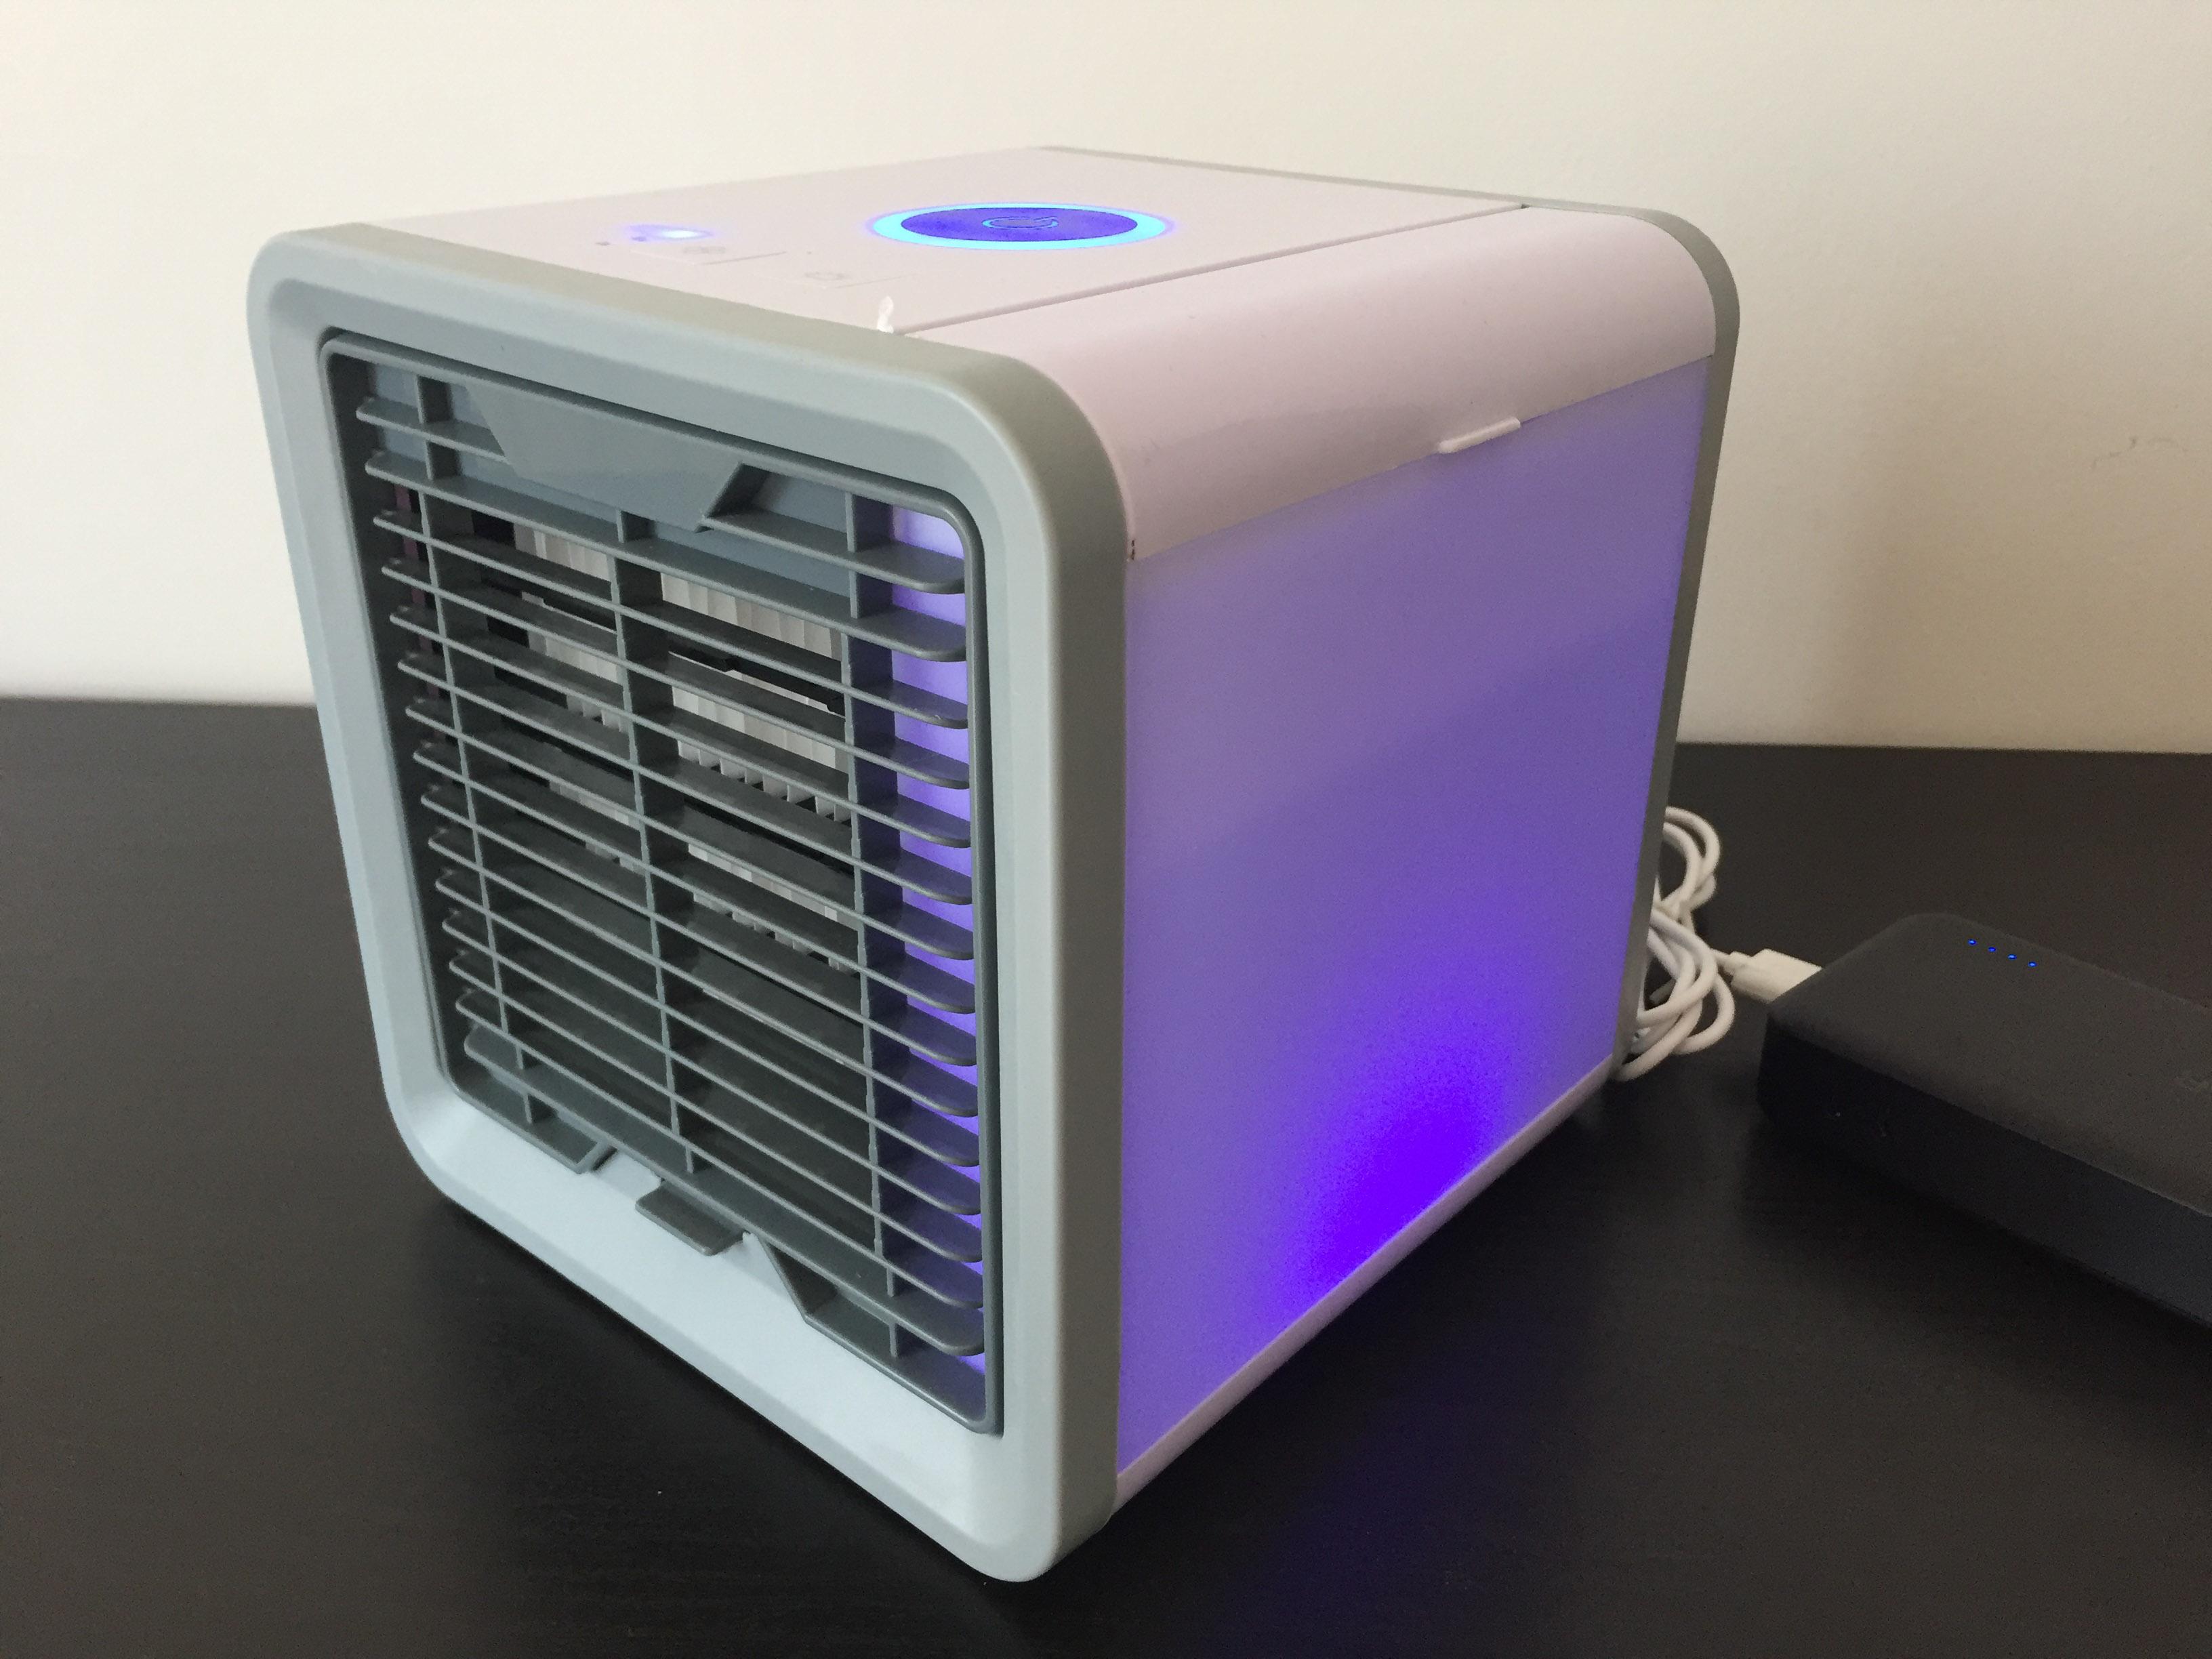 Recensione Arcttc Atr, il mini-ventilatore ad acqua